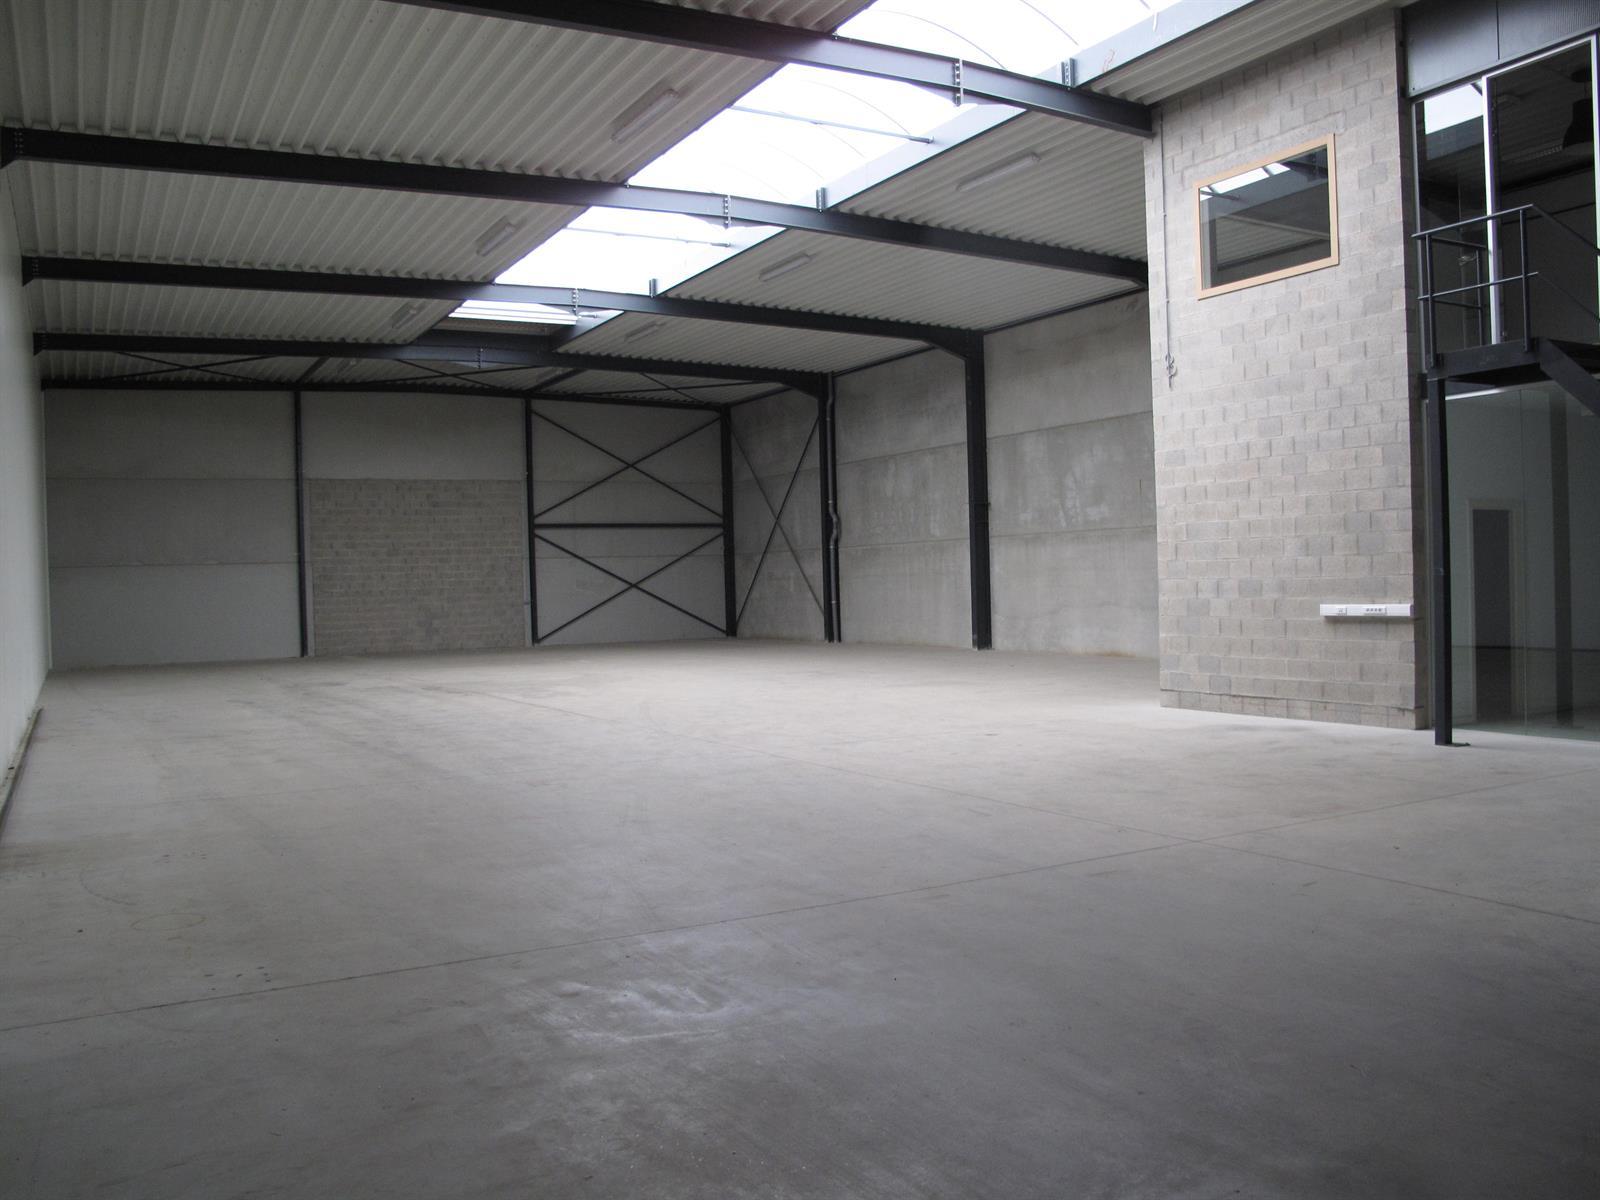 kantoren & magazijn te huur Magazijn met kantoorruimte Oostmalsesteenweg  106 3